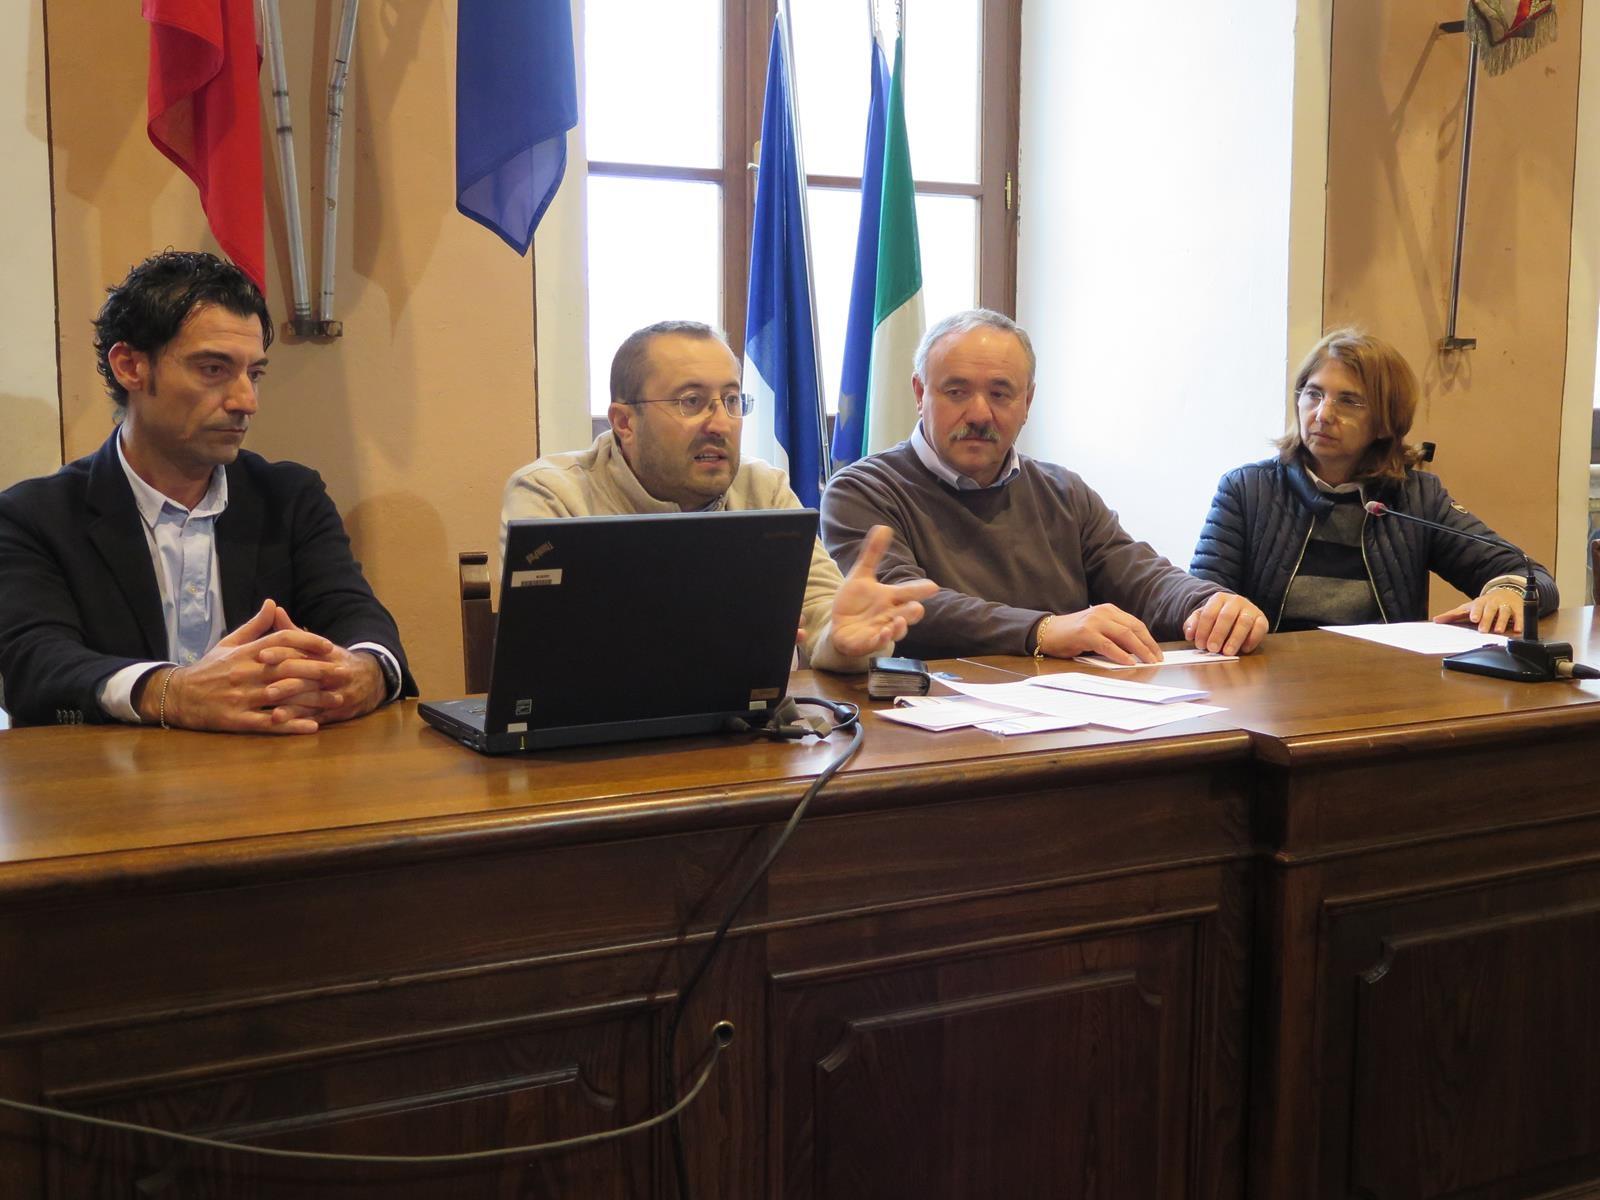 'PagoPA', Montepulciano tra i primi comuni toscani ad attivare il servizio